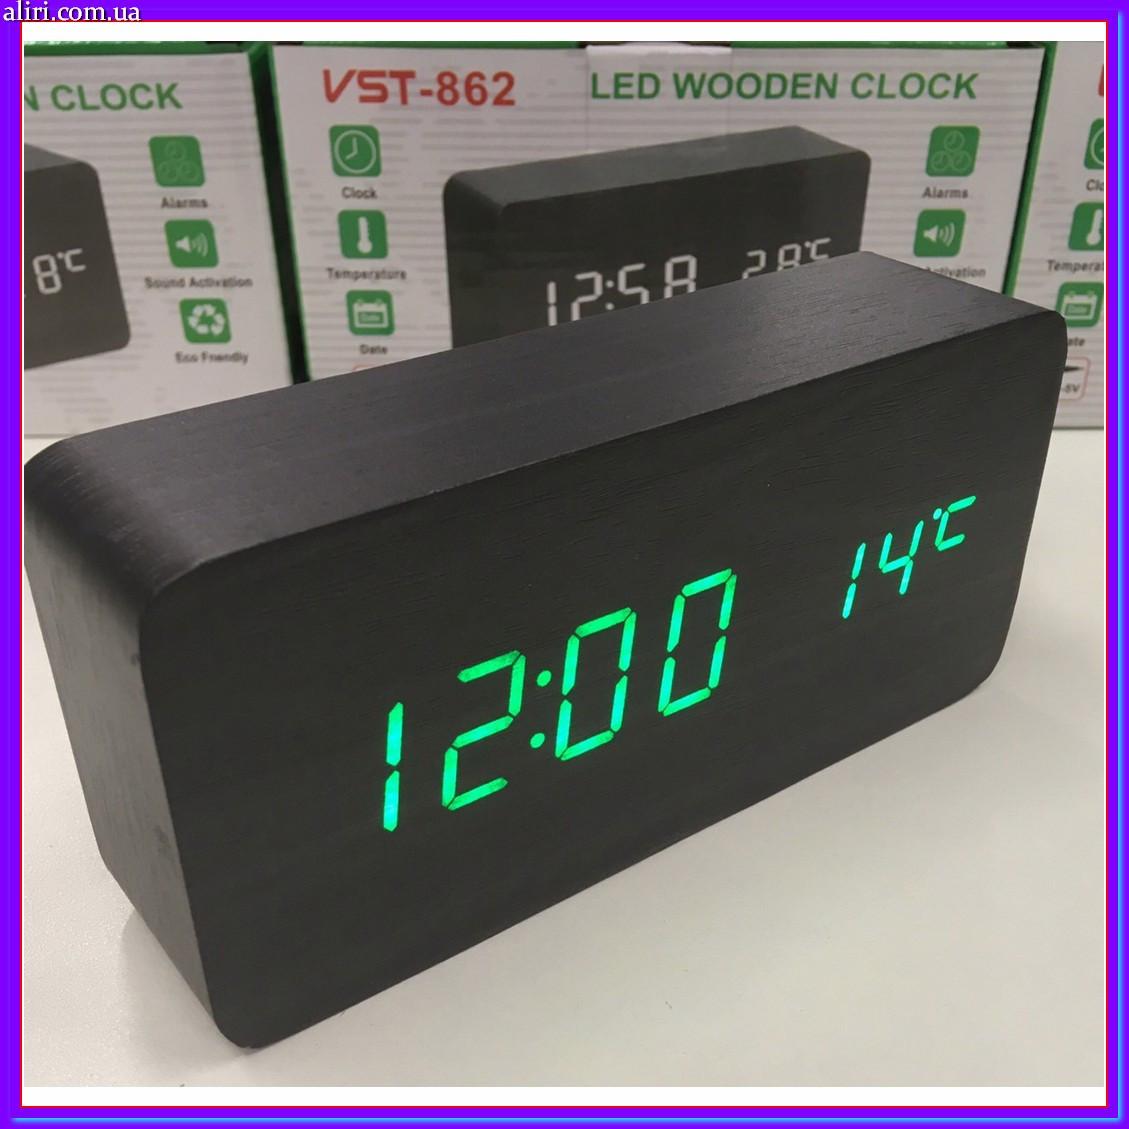 Настольные электронные часы под дерево VST-862 с будильником, датой и термометром